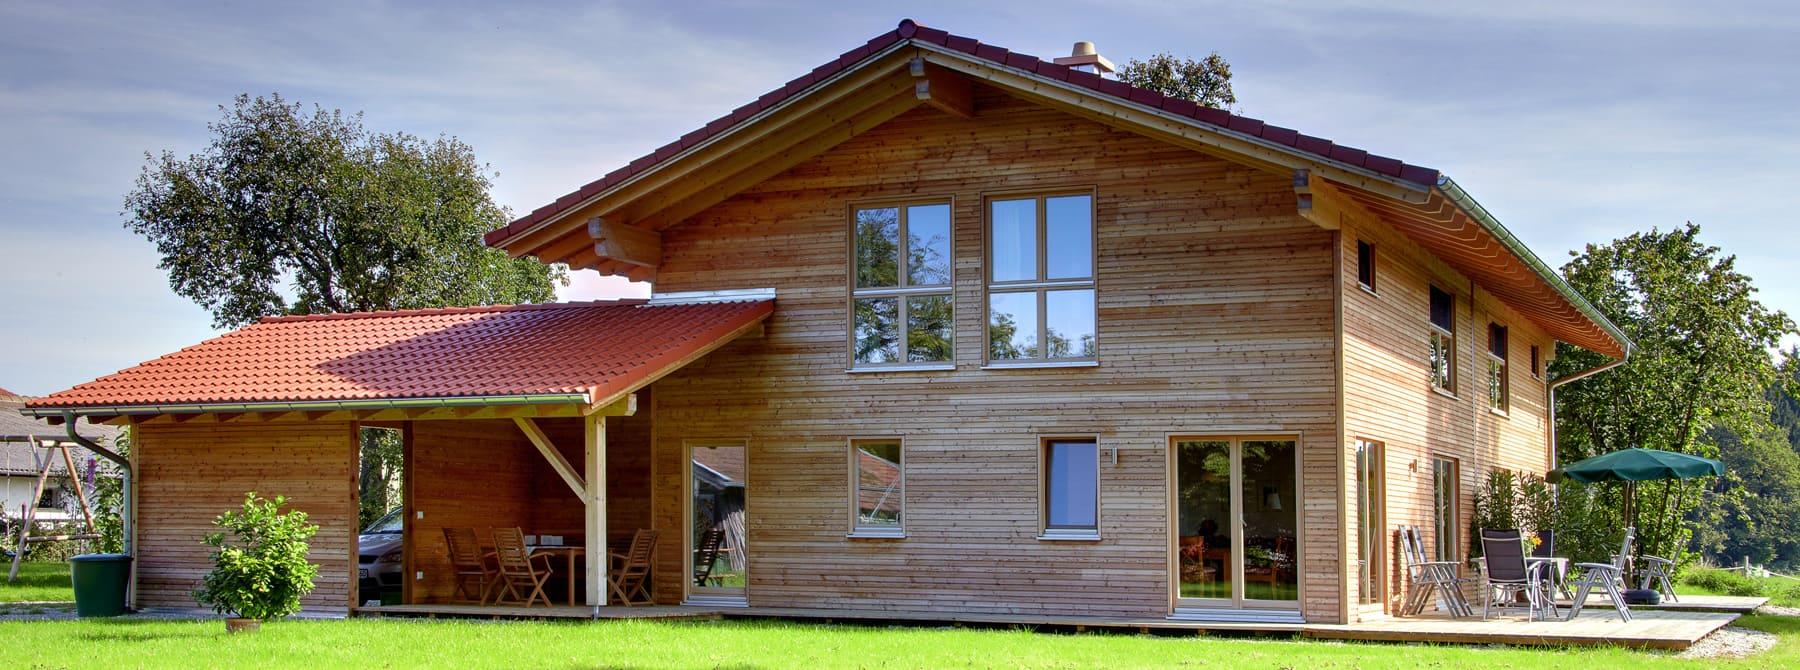 Kundenhaus schiefer ein landhaus von for Landhaus bauen